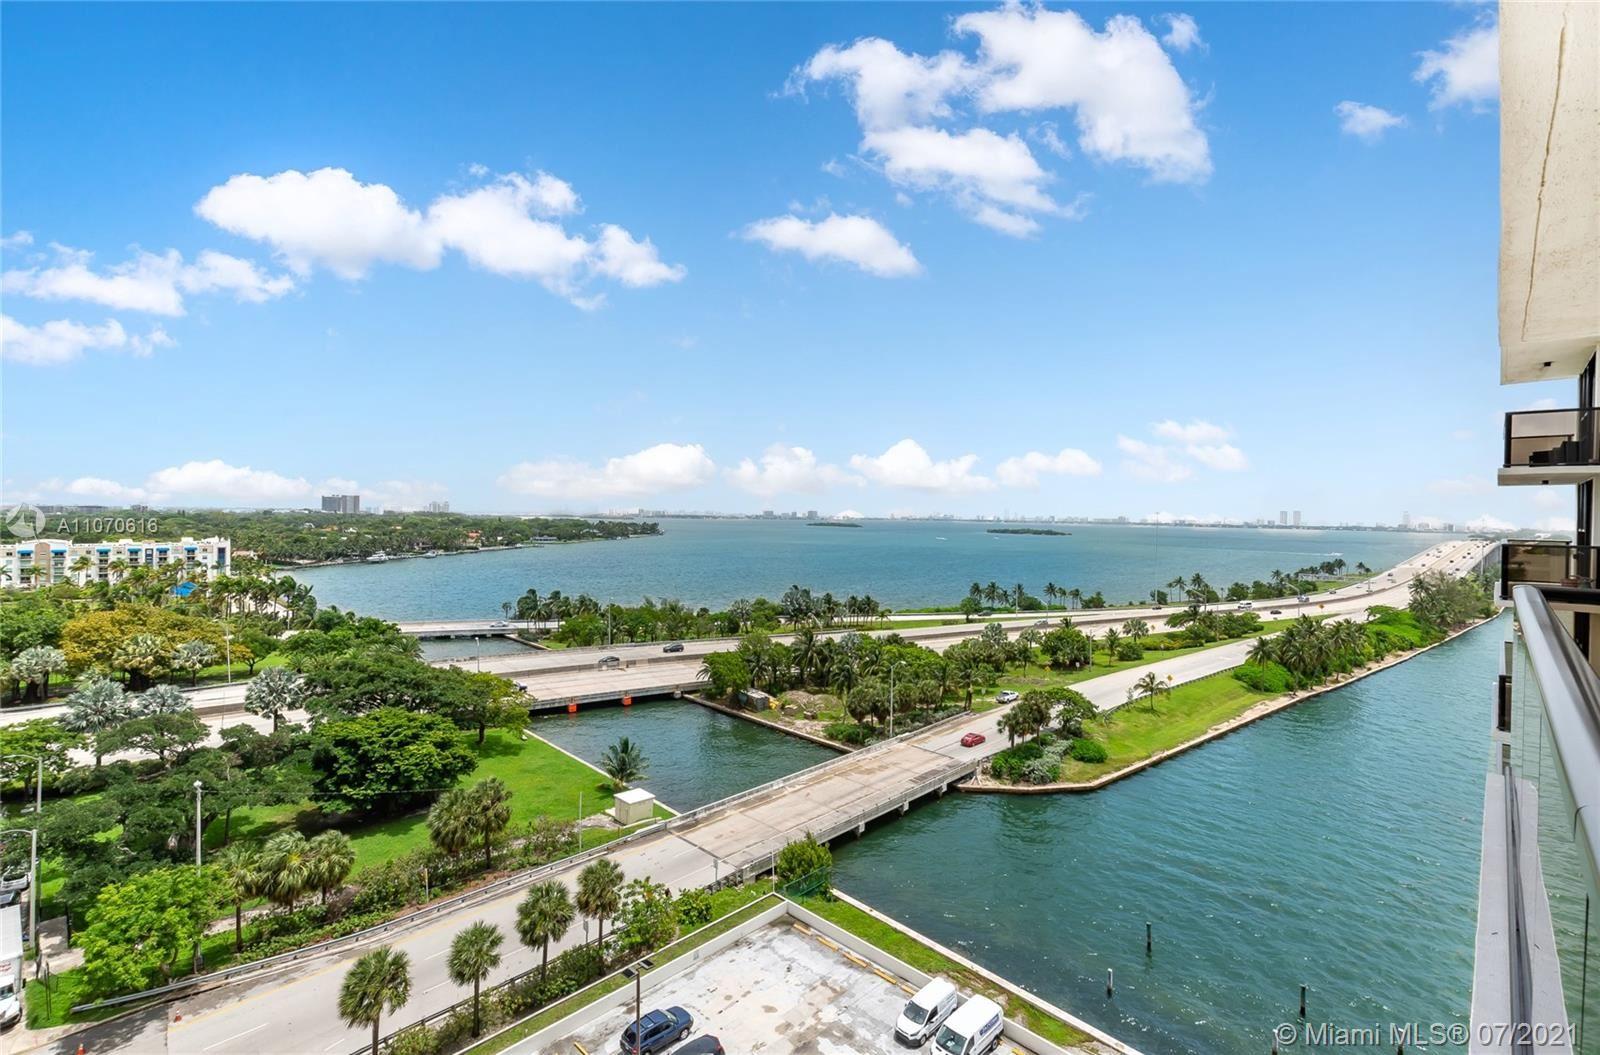 600 NE 36th St #1210, Miami, FL 33137 - #: A11070616